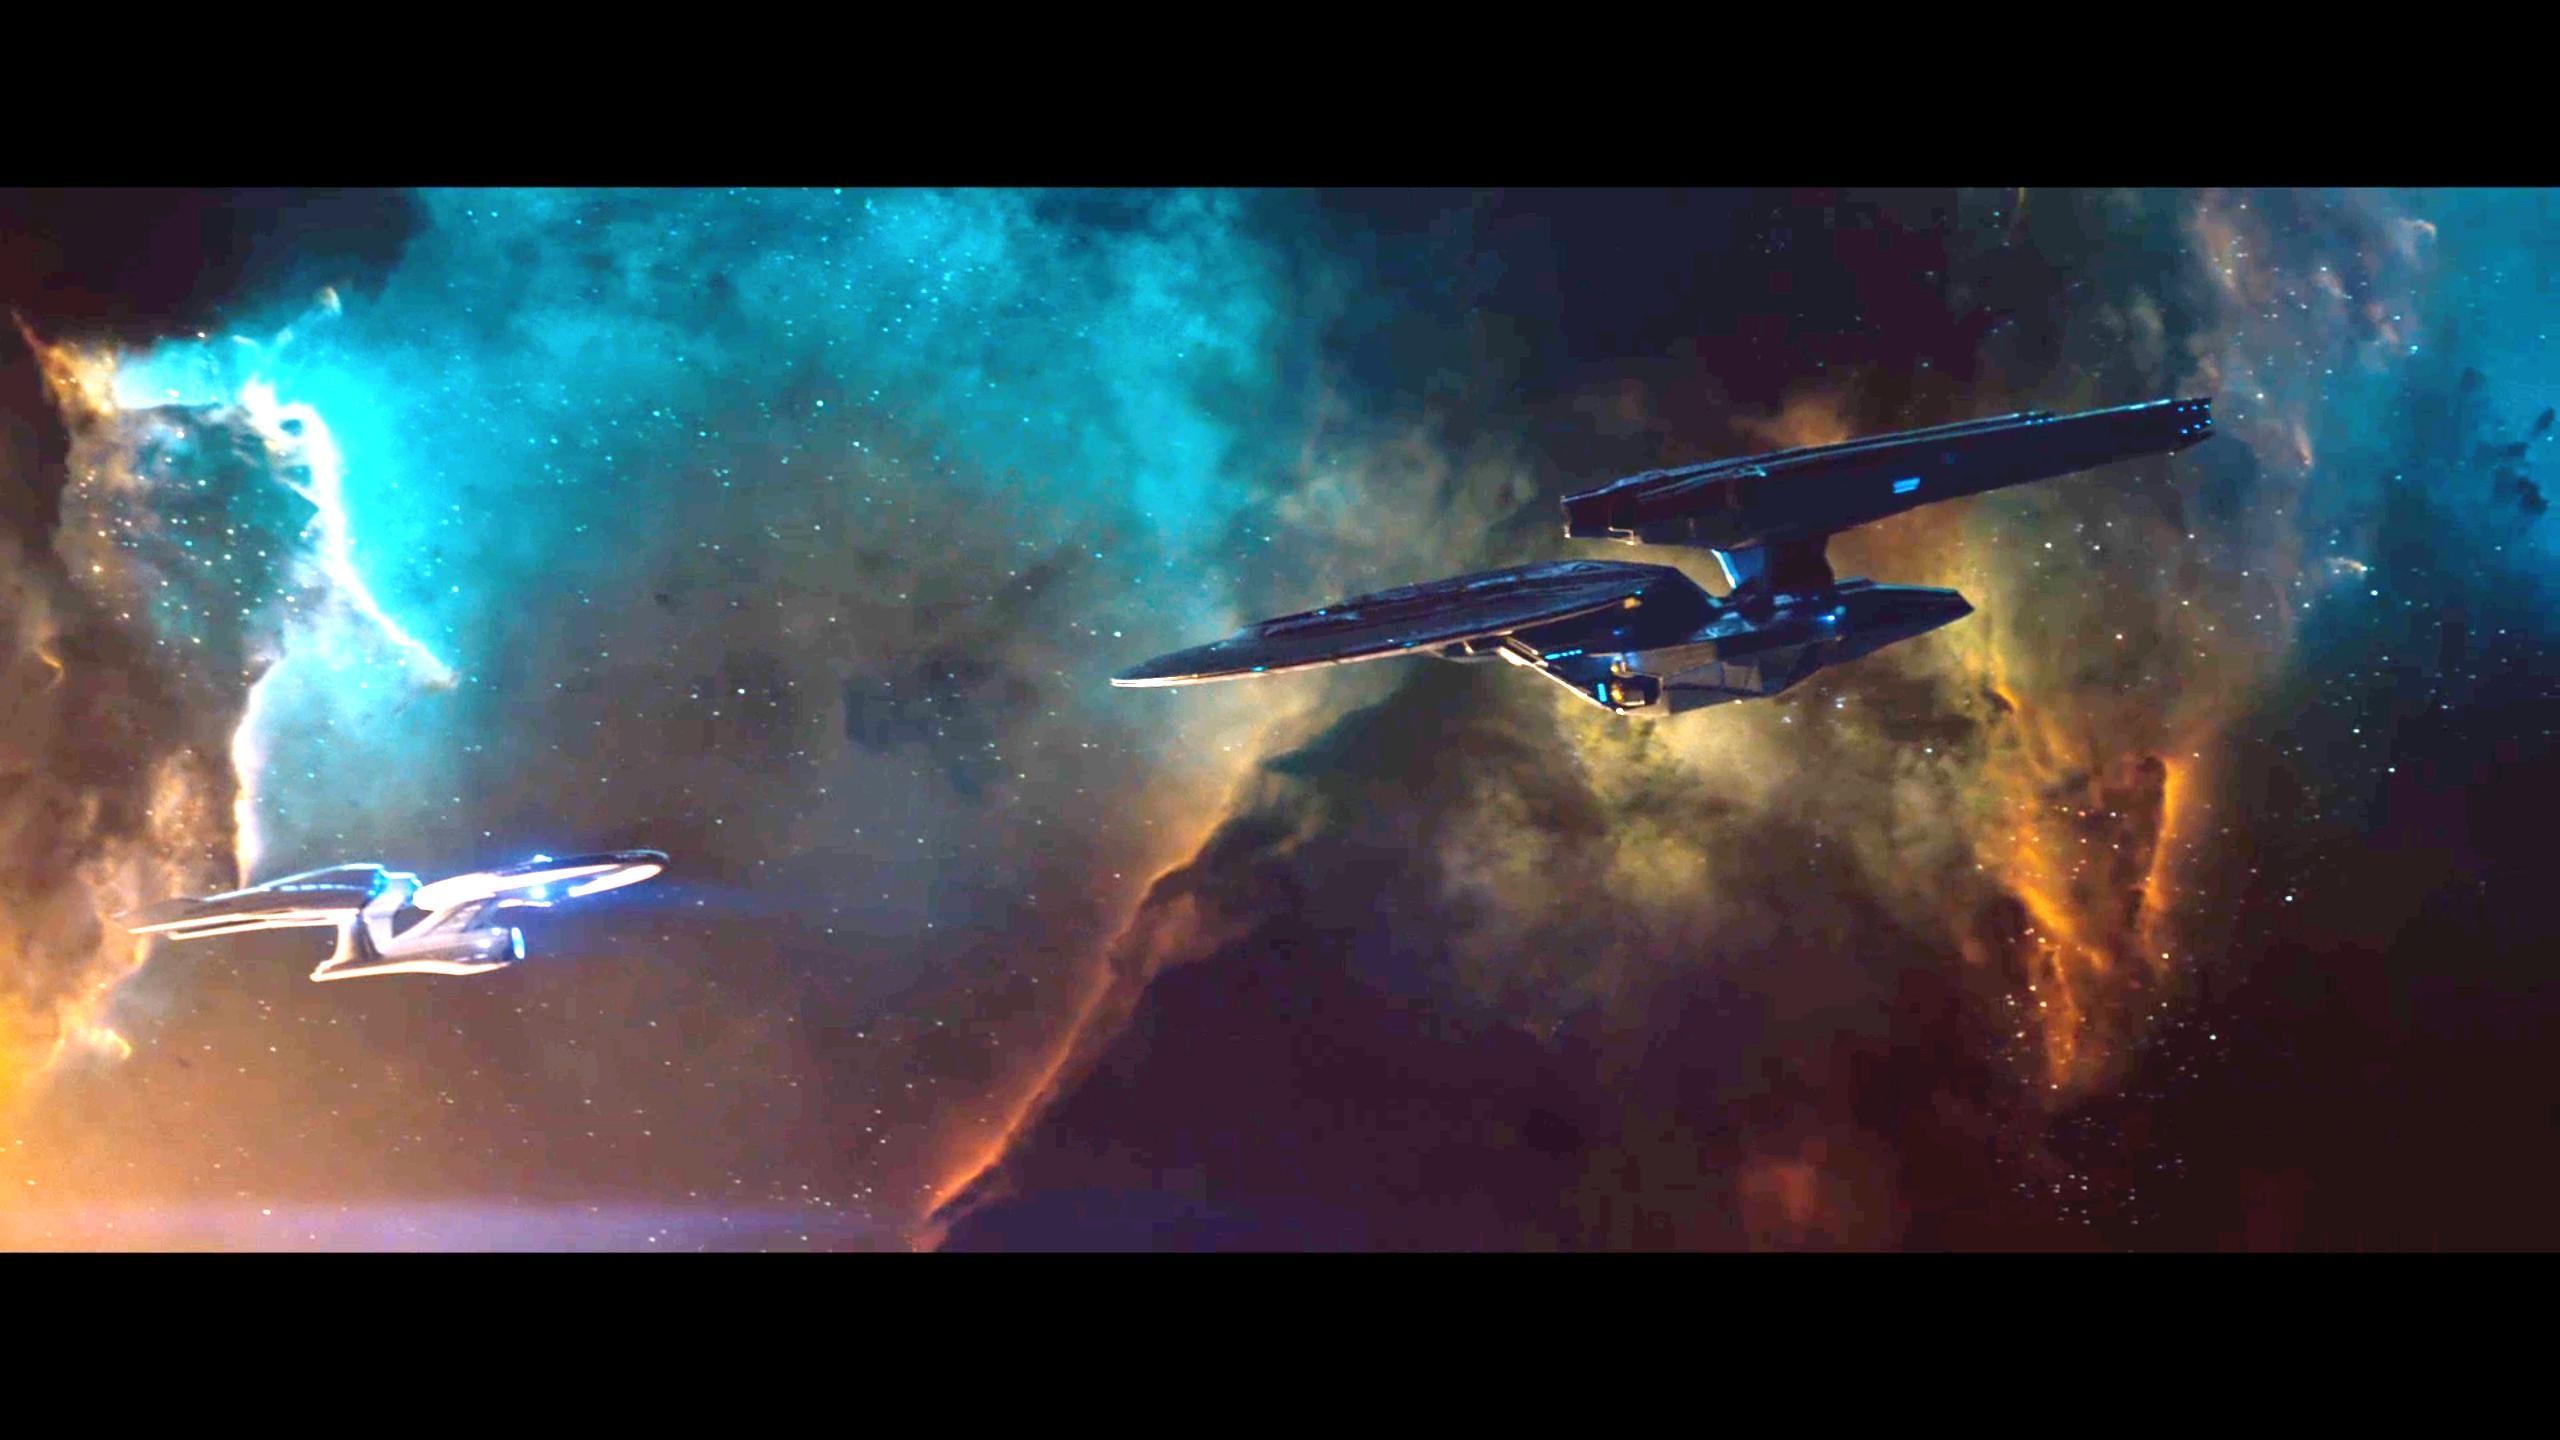 358 best Star Trek Starships images on Pinterest   Star trek ships,  Trekking and Spaceships